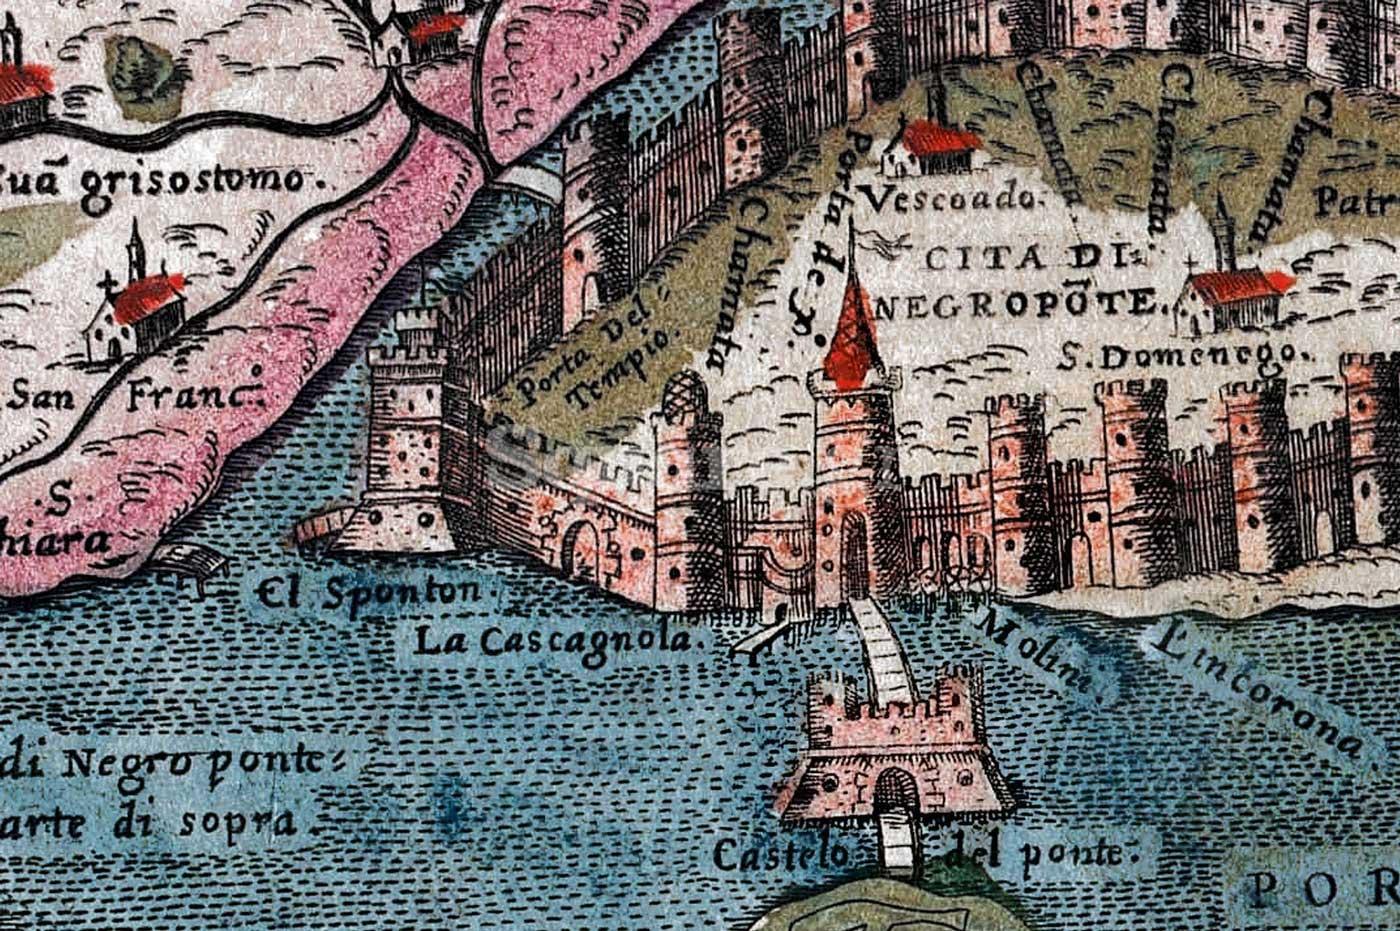 10-Λεπτομέρεια-από-χάρτη-του-Simon-Pinargenti-1573-όπου-φαίνονται-η-Πύλη-La-Castagnola-η-προβλήτα-el-Sponton-και-το-Κάστρο-του-Ευρίπου-με-δύο-πύργους